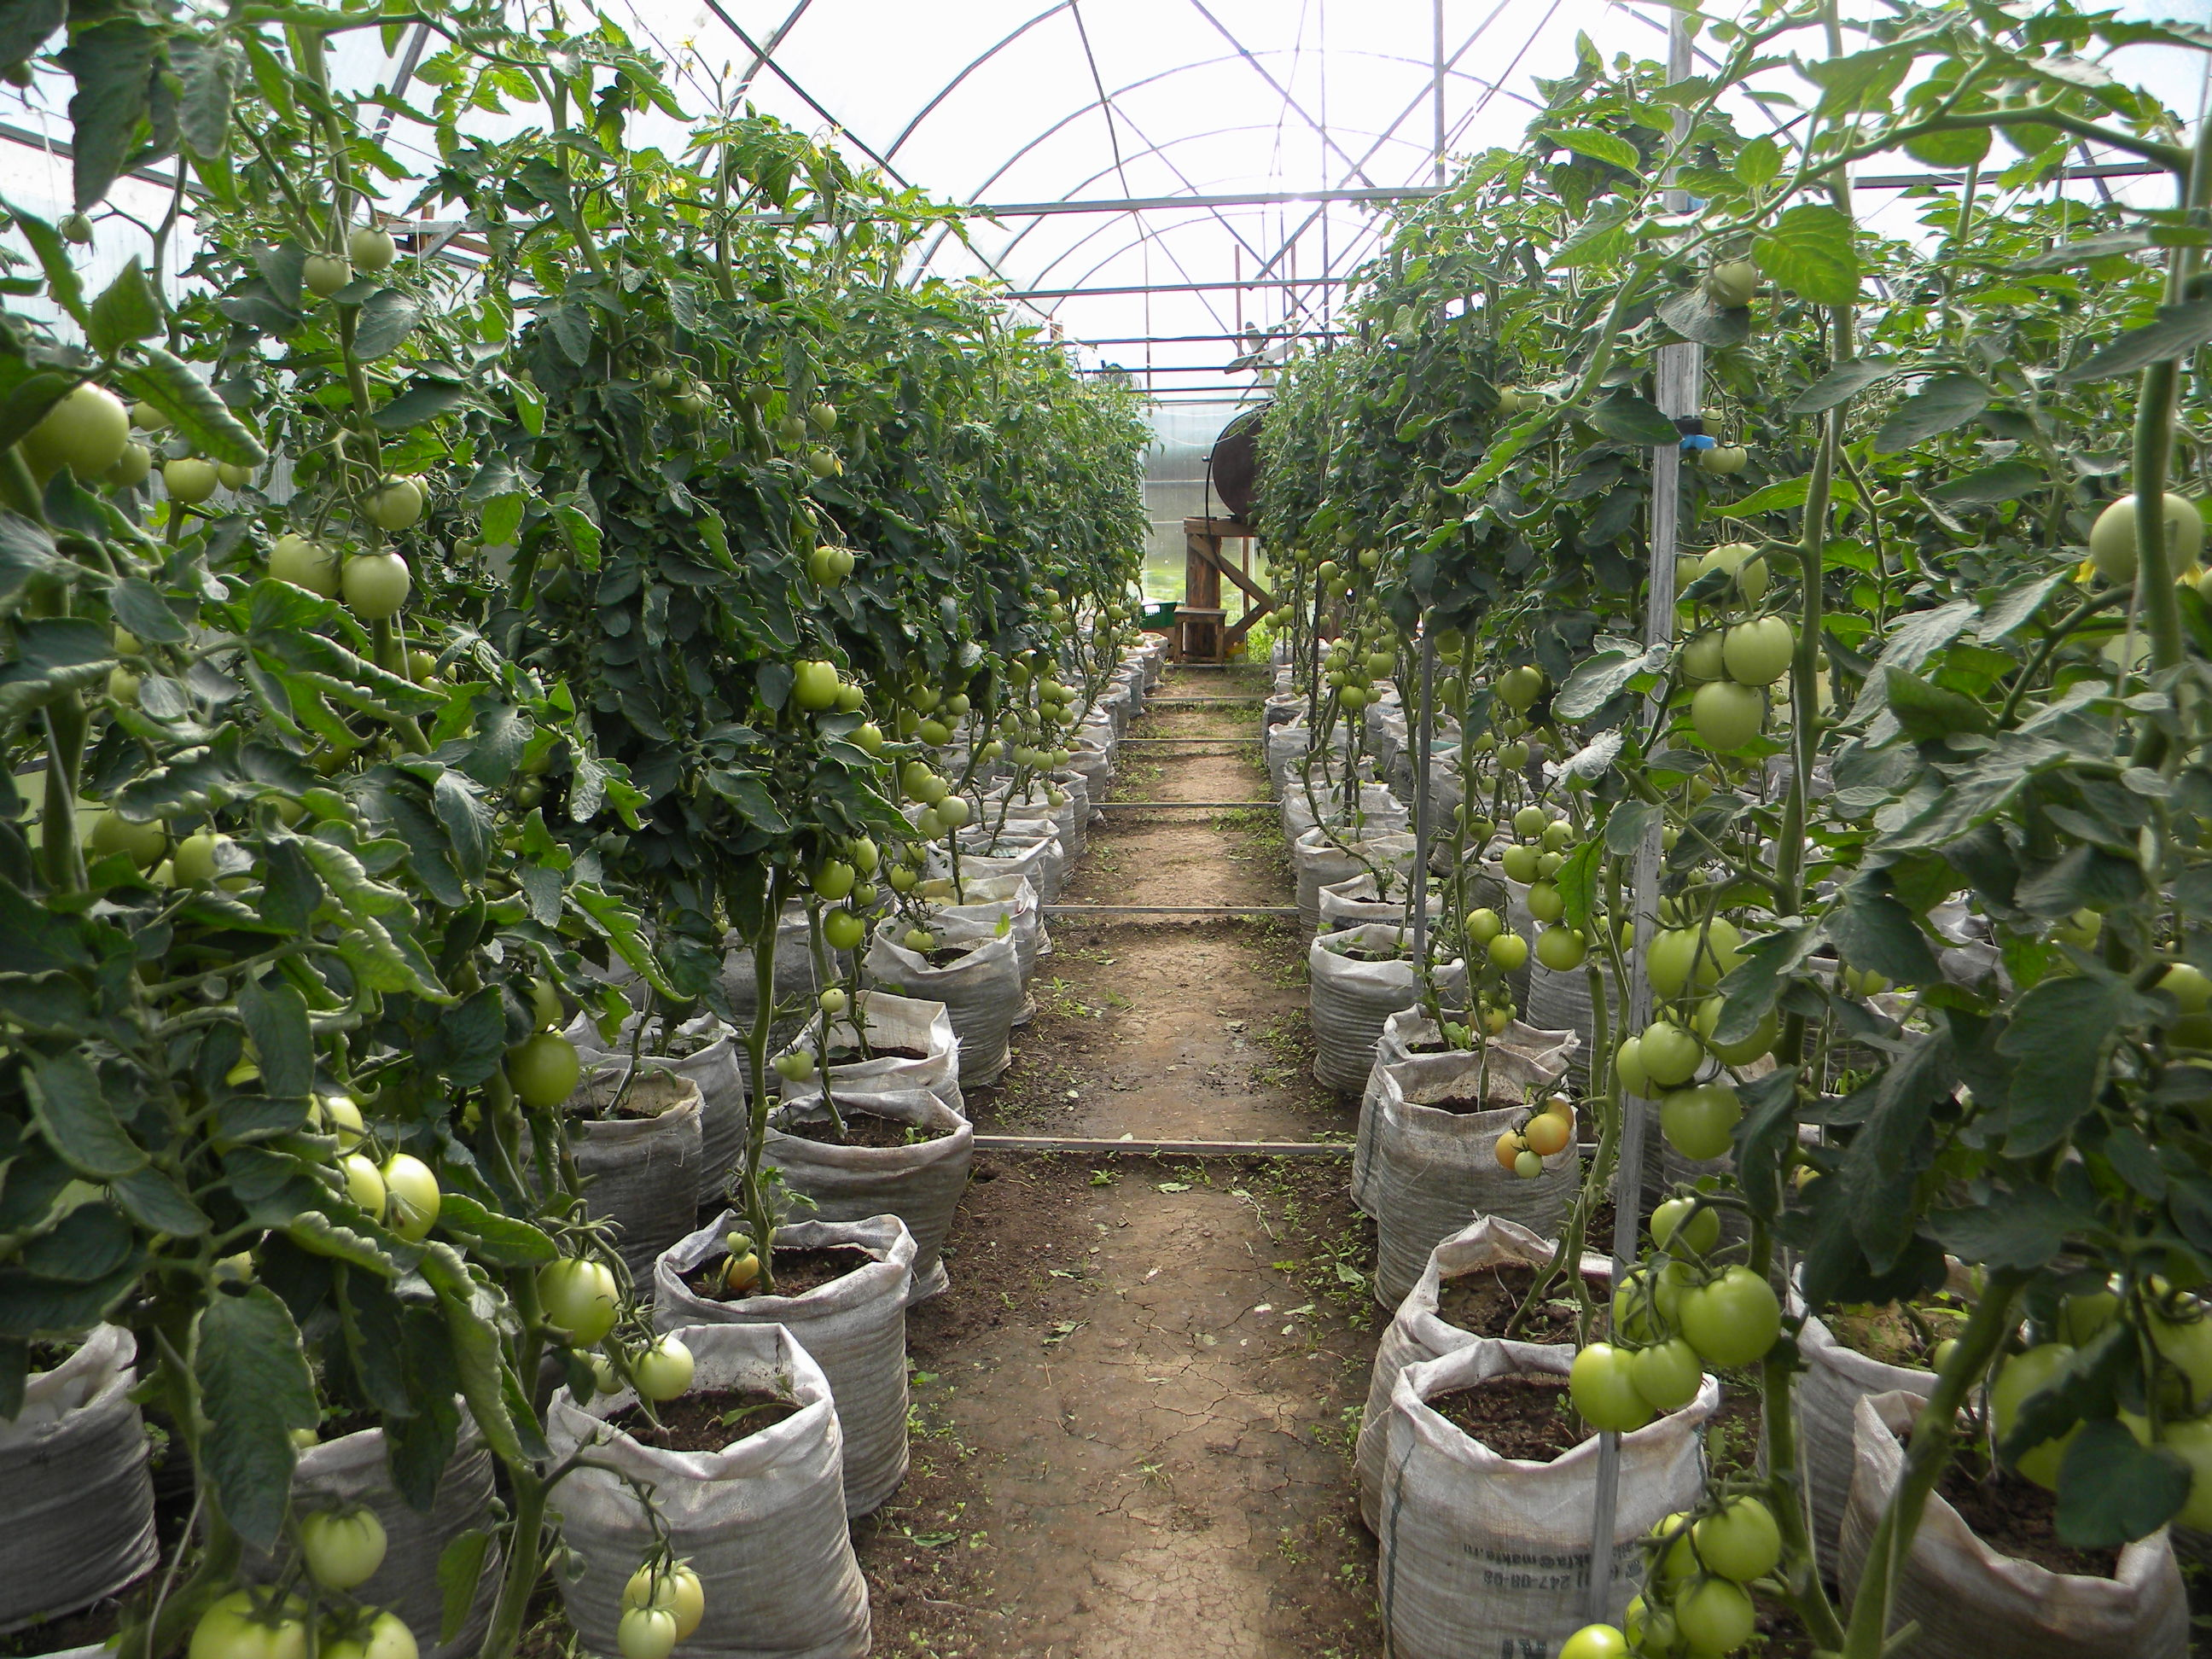 Выращивание в теплице круглый год: советы, нюансы и методы